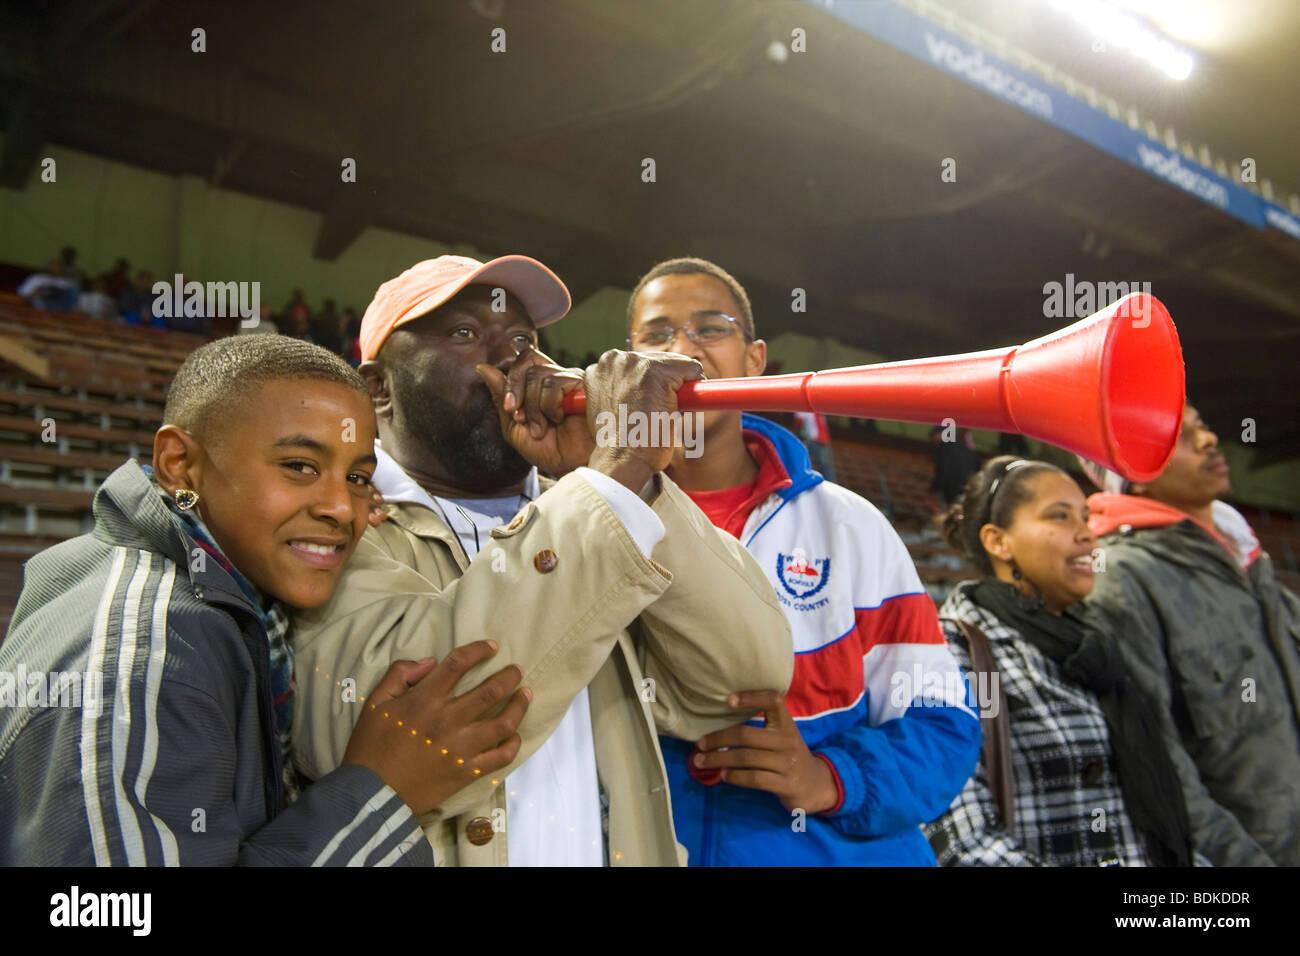 Hinchas de fútbol con VUVZELA, Newlands Stadium, en Ciudad del Cabo, Sudáfrica Imagen De Stock